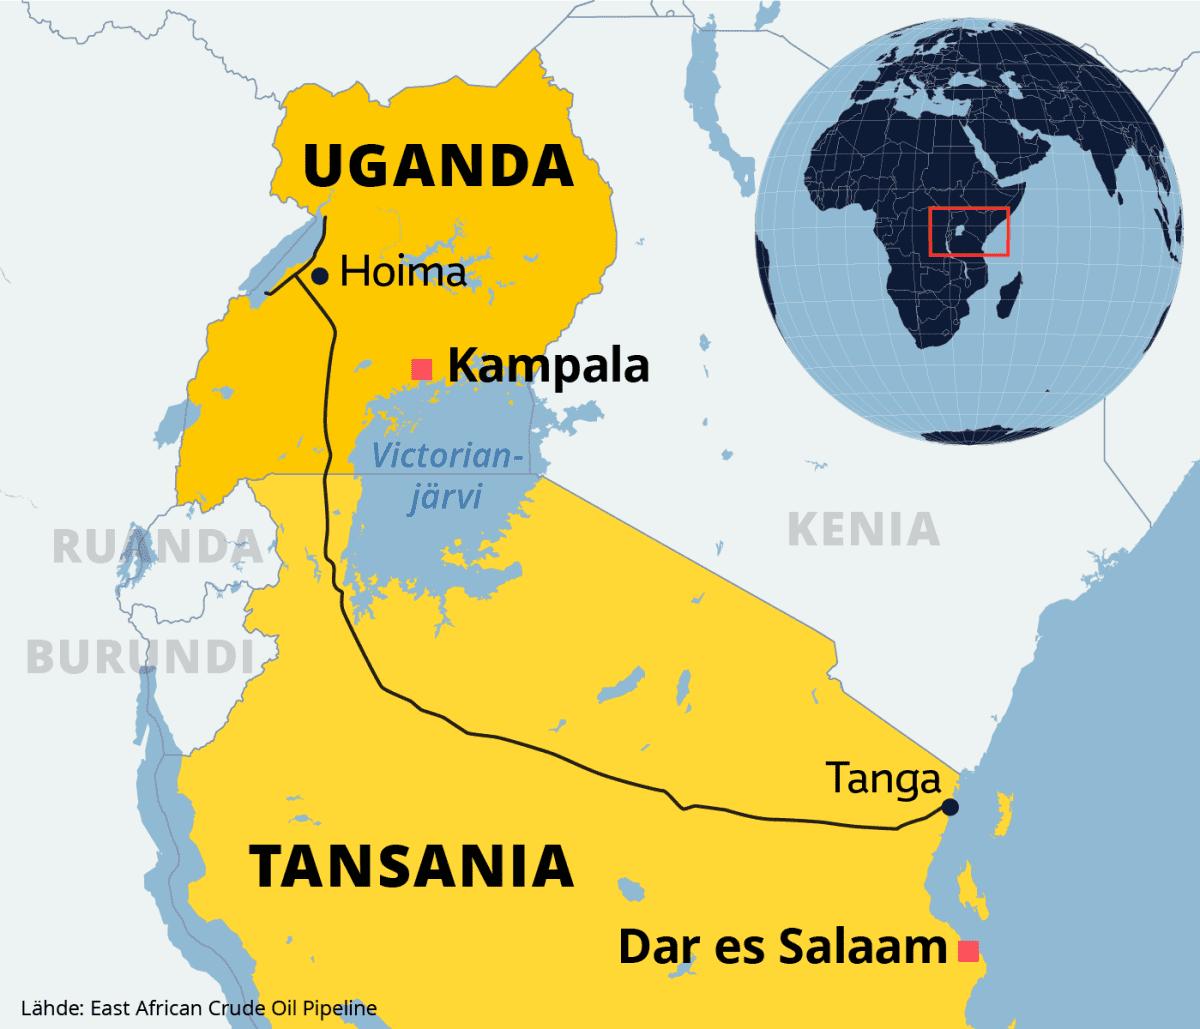 Kartalla öljyputken reitti läpi Ugandan ja Tansanian.